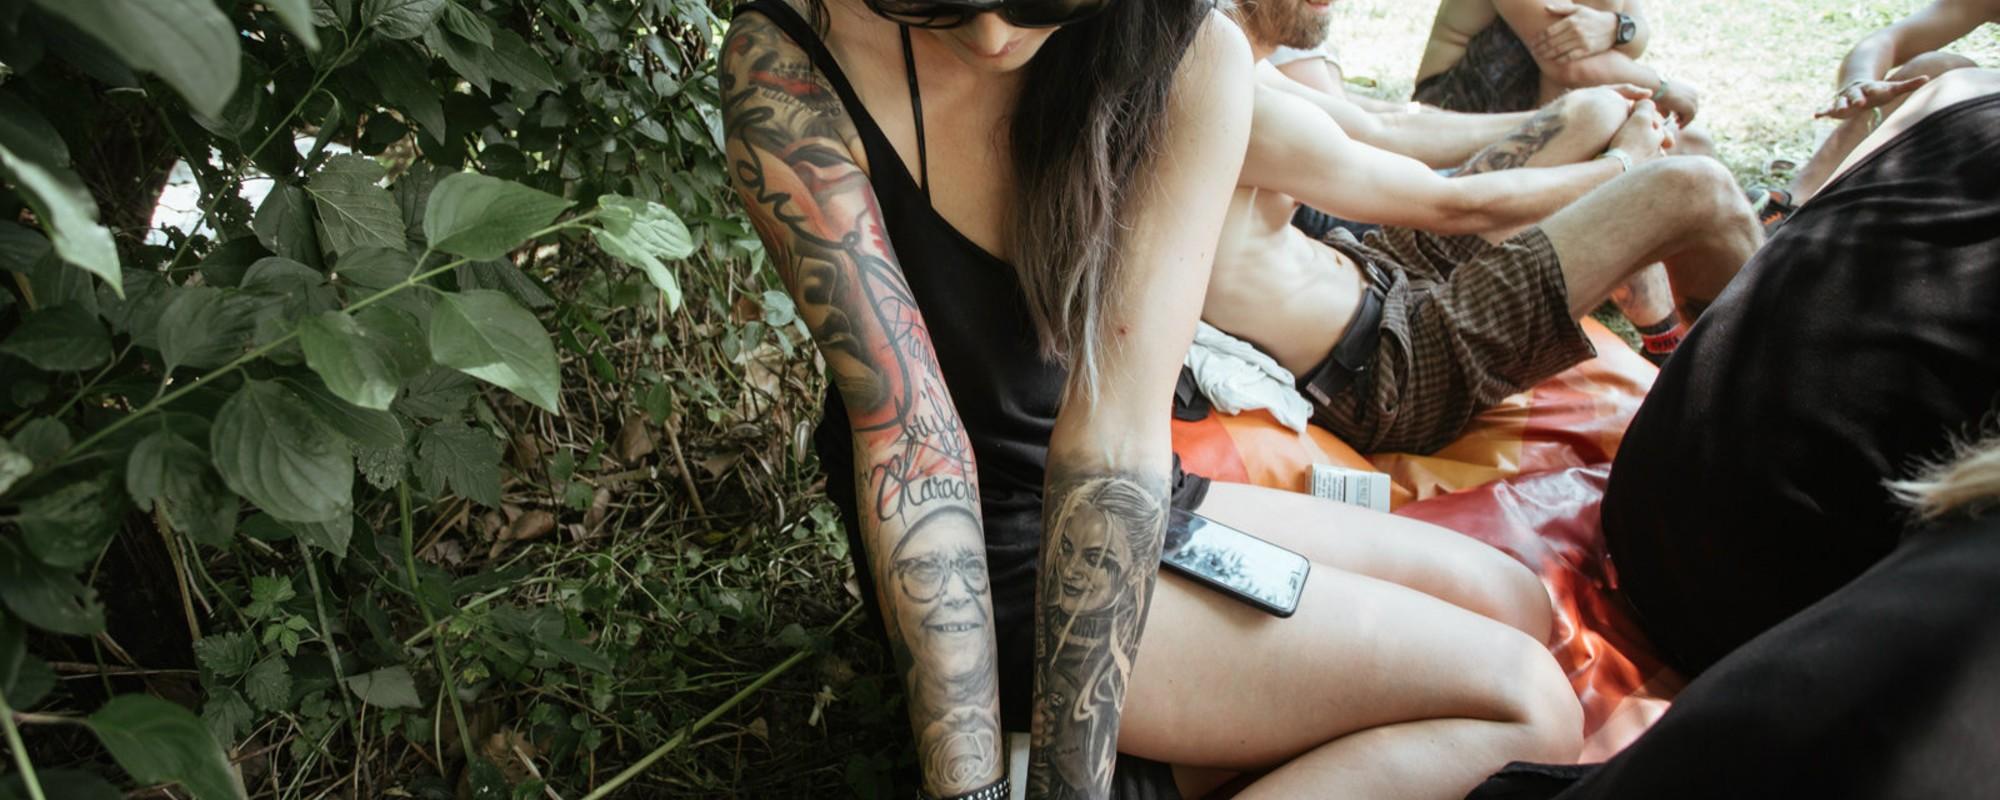 Fotografii cu tatuajele oamenilor de la Electric Castle, care-ți arată ce înseamnă normalitatea